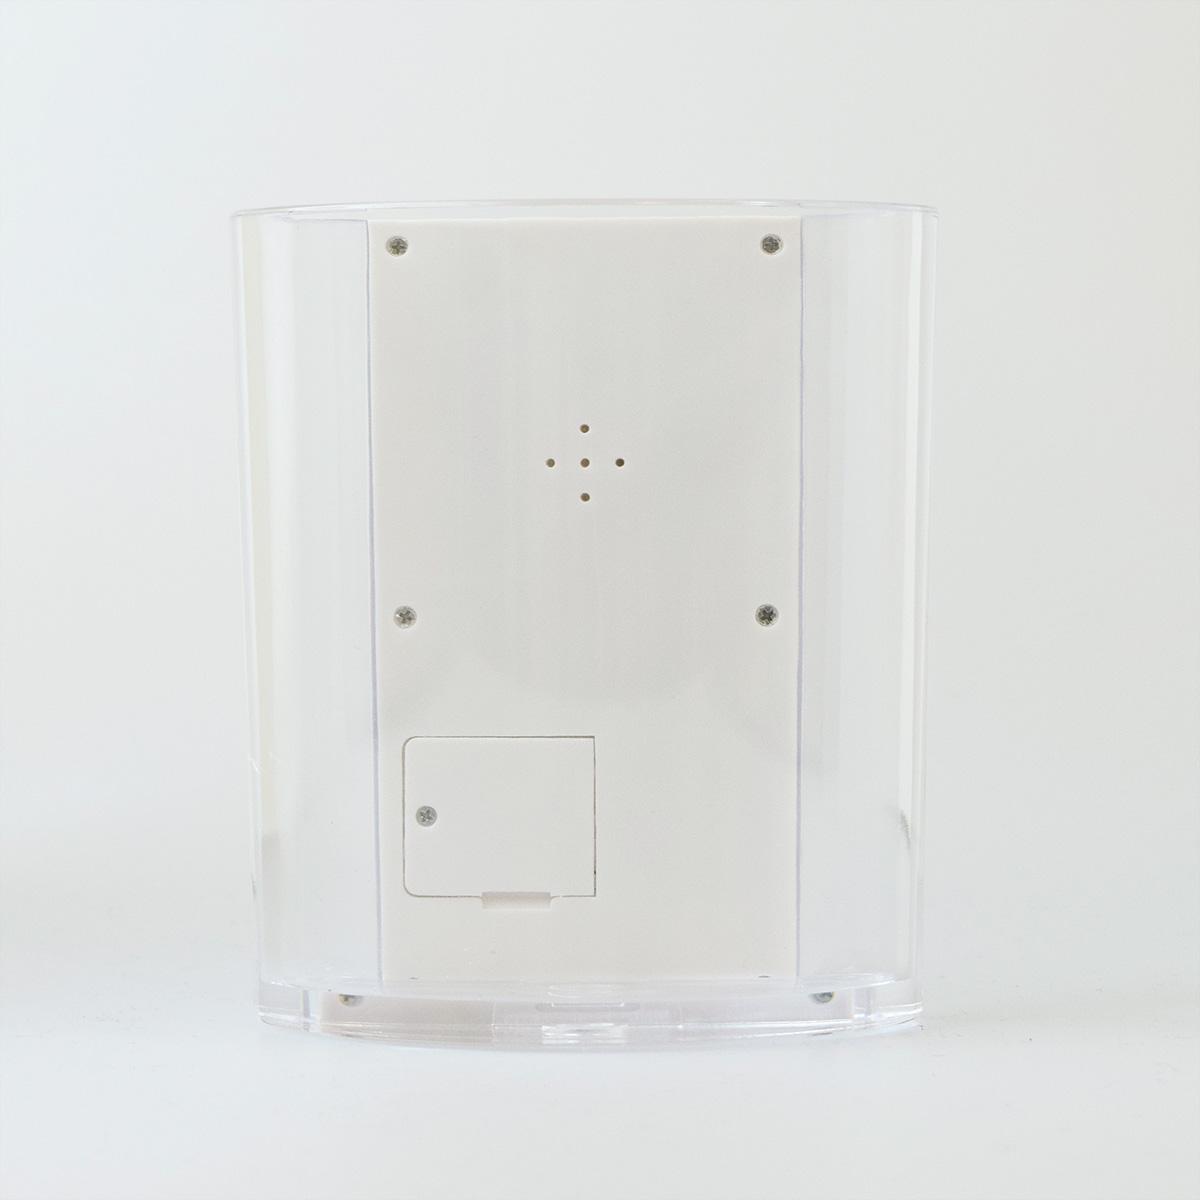 ペン立て多機能時計 クリア×ホワイト 電池付き 包装箱入り